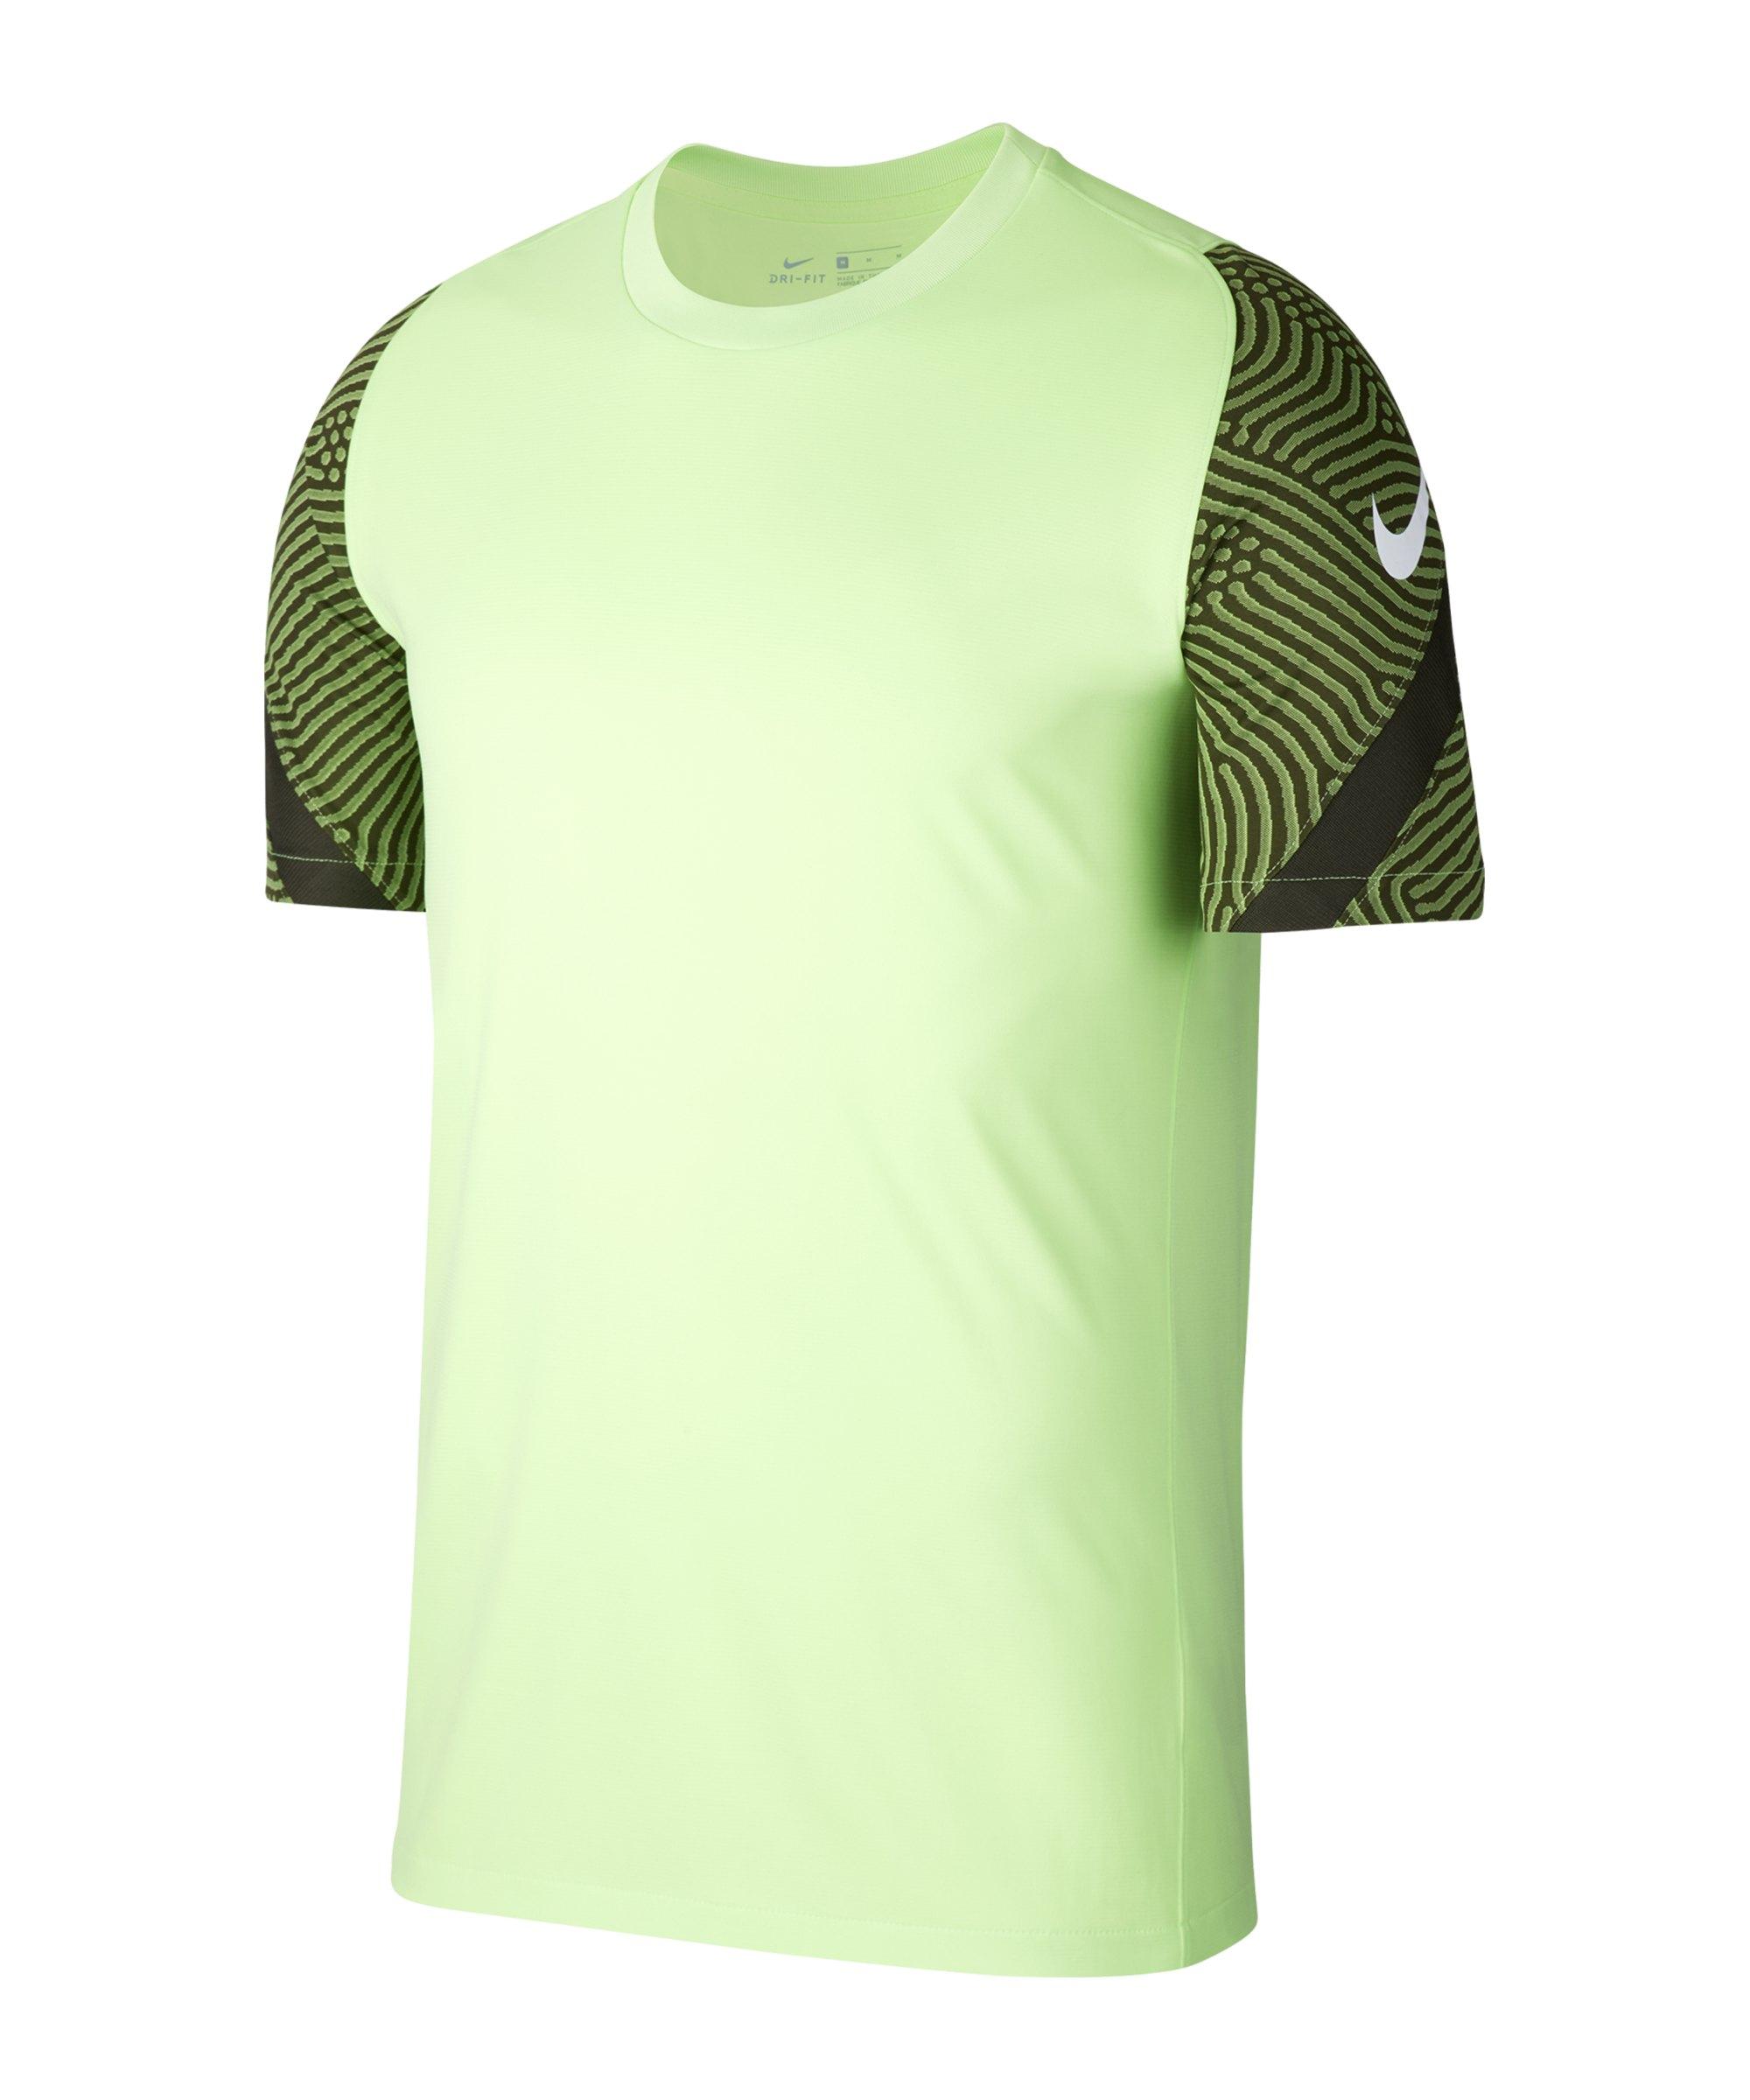 Nike Strike Shirt kurzarm Grün F358 - gruen